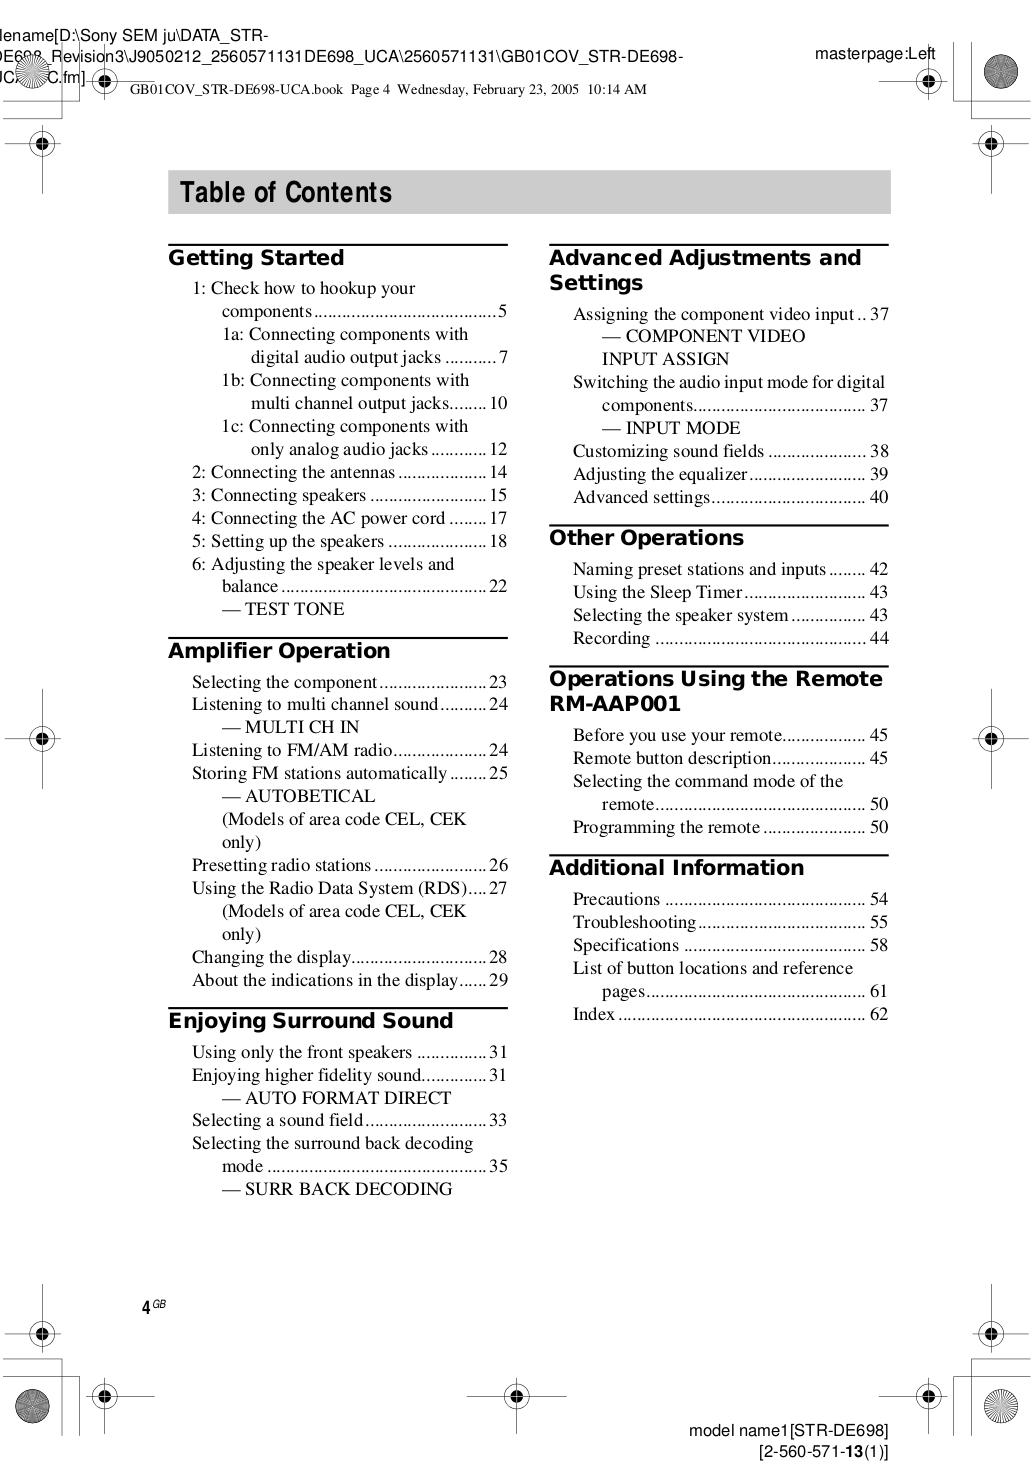 PDF manual for Sony Receiver STR-DE698